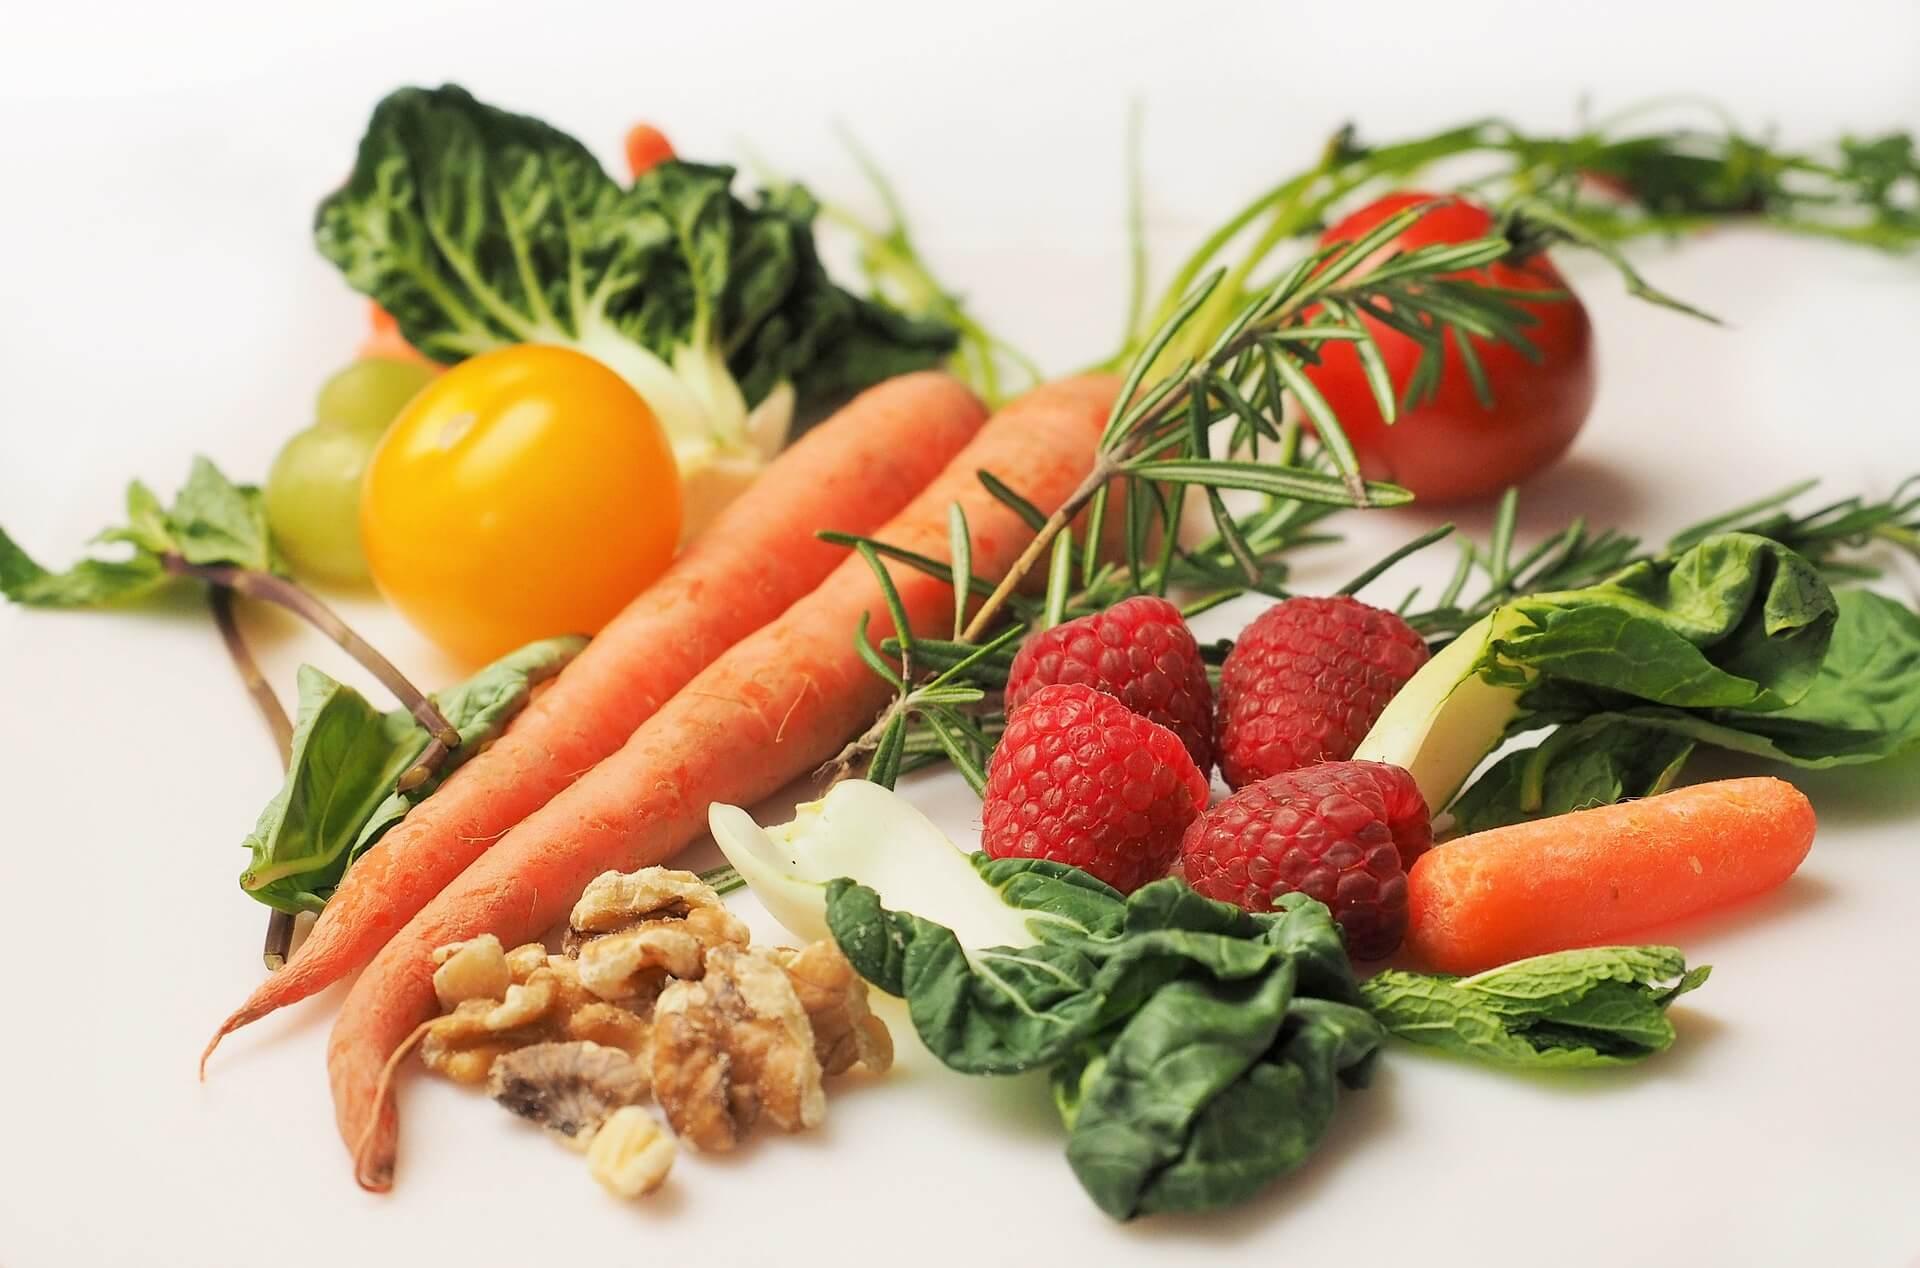 Katera hrana skrbi za močen imunski sistem